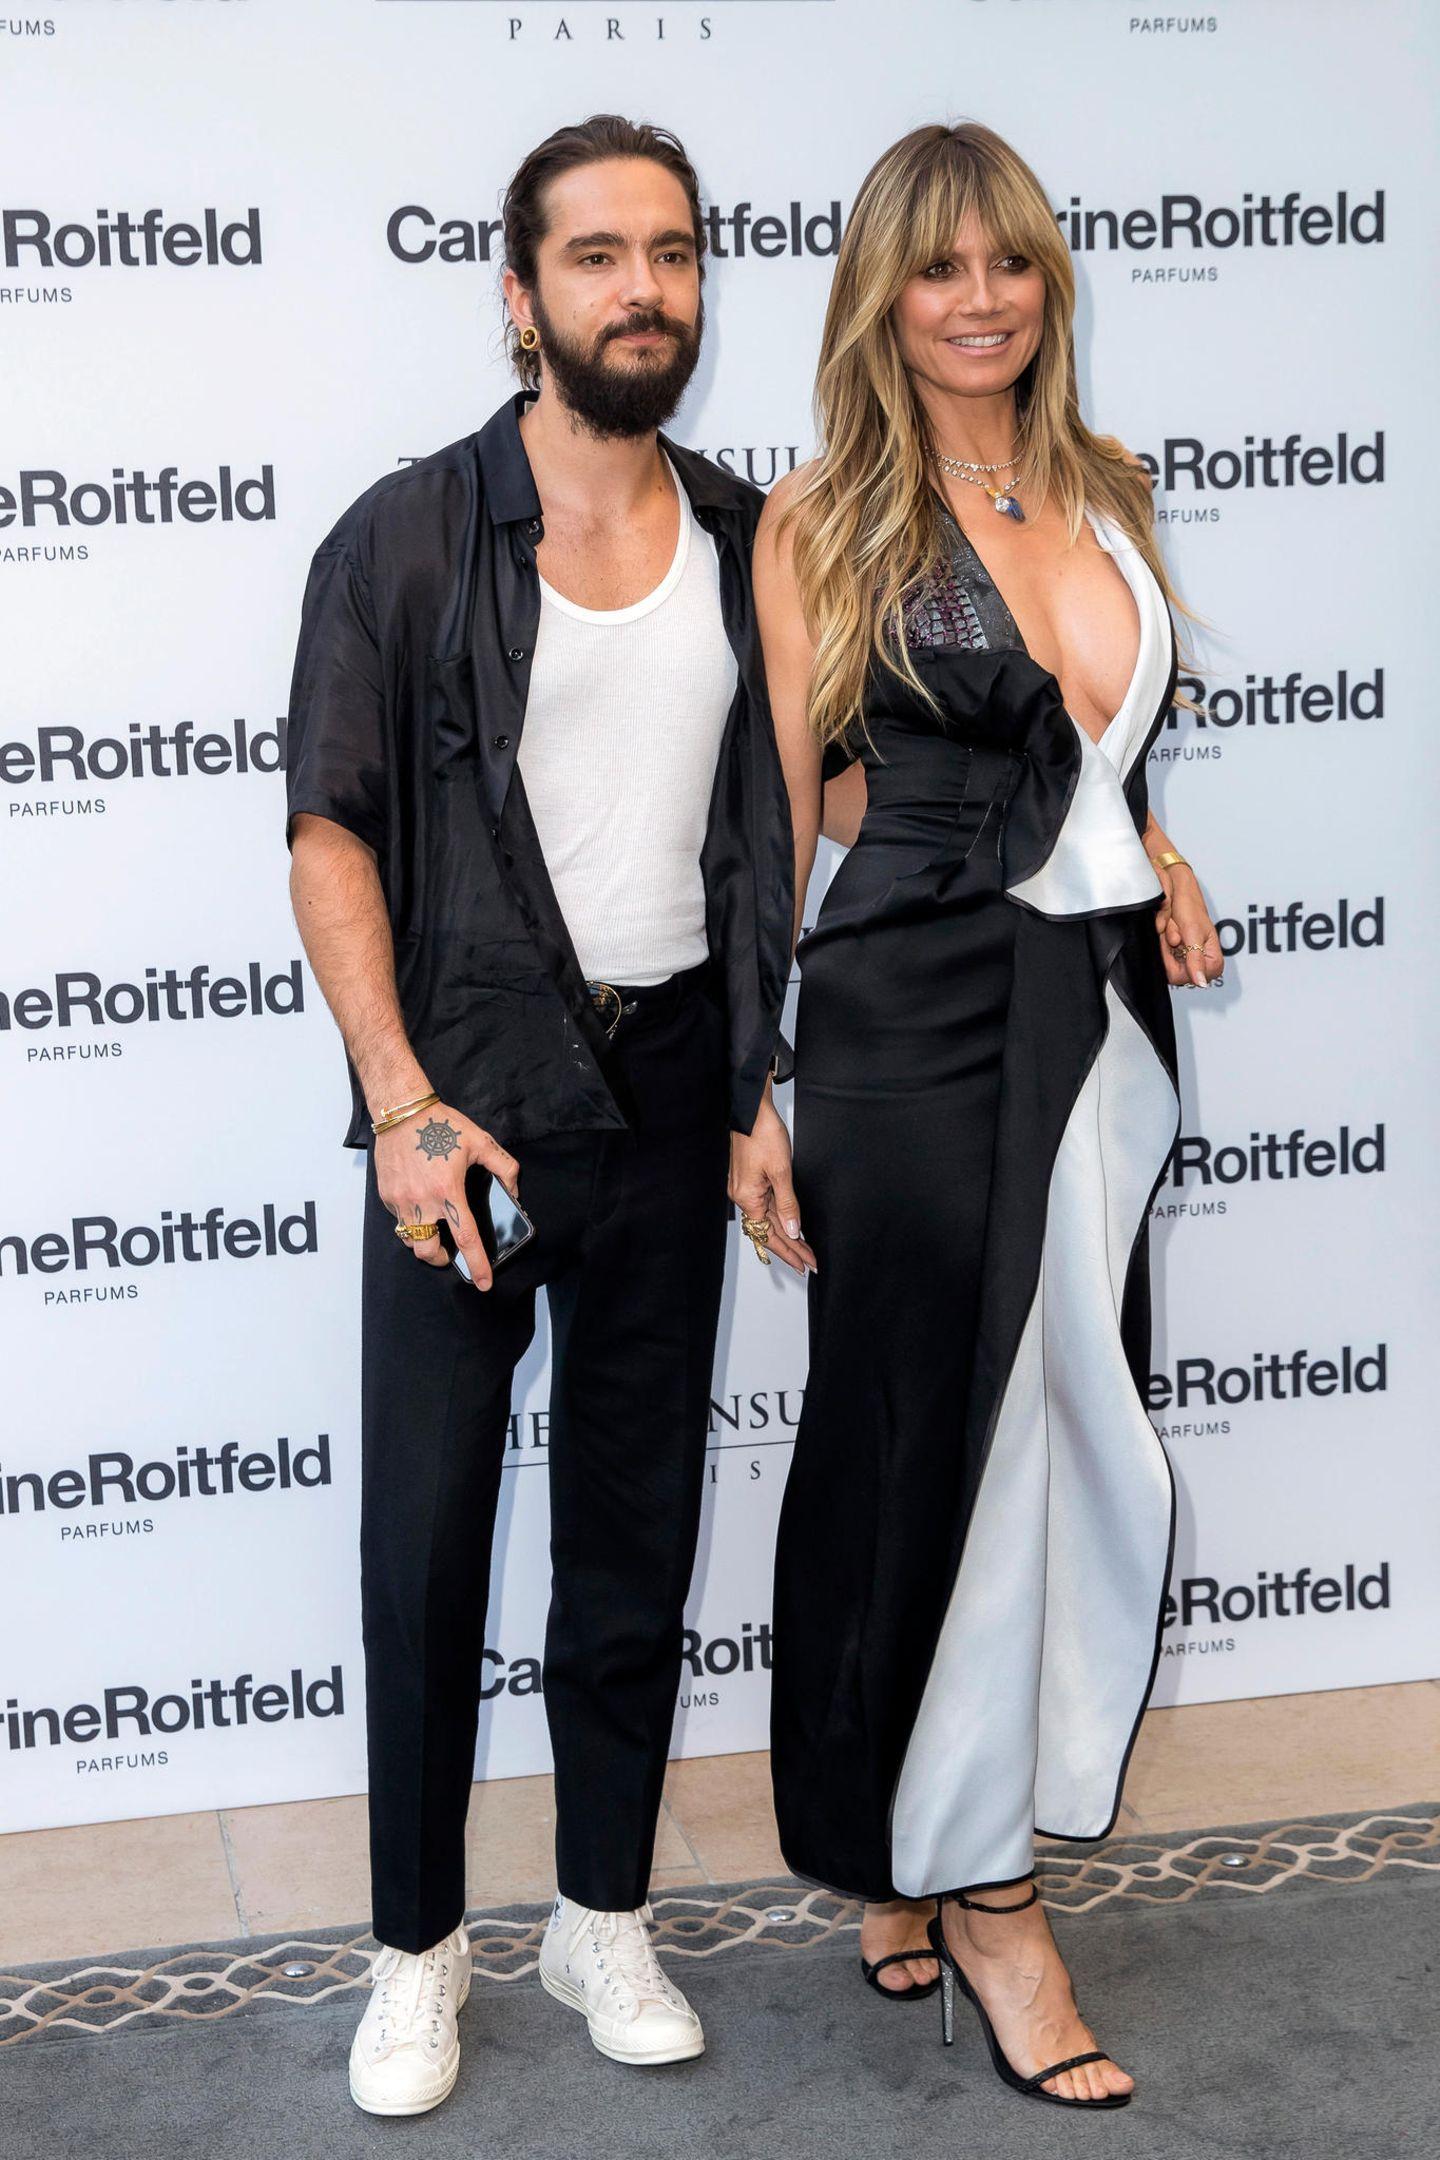 Denn auch Tom setzt auf einen schwarz-weißen Look. Er kombiniert eine schwarze Hose mit einem weißen Tanktop und einem schwarzen Hemd. Dazu trägt er weiße Sneaker.